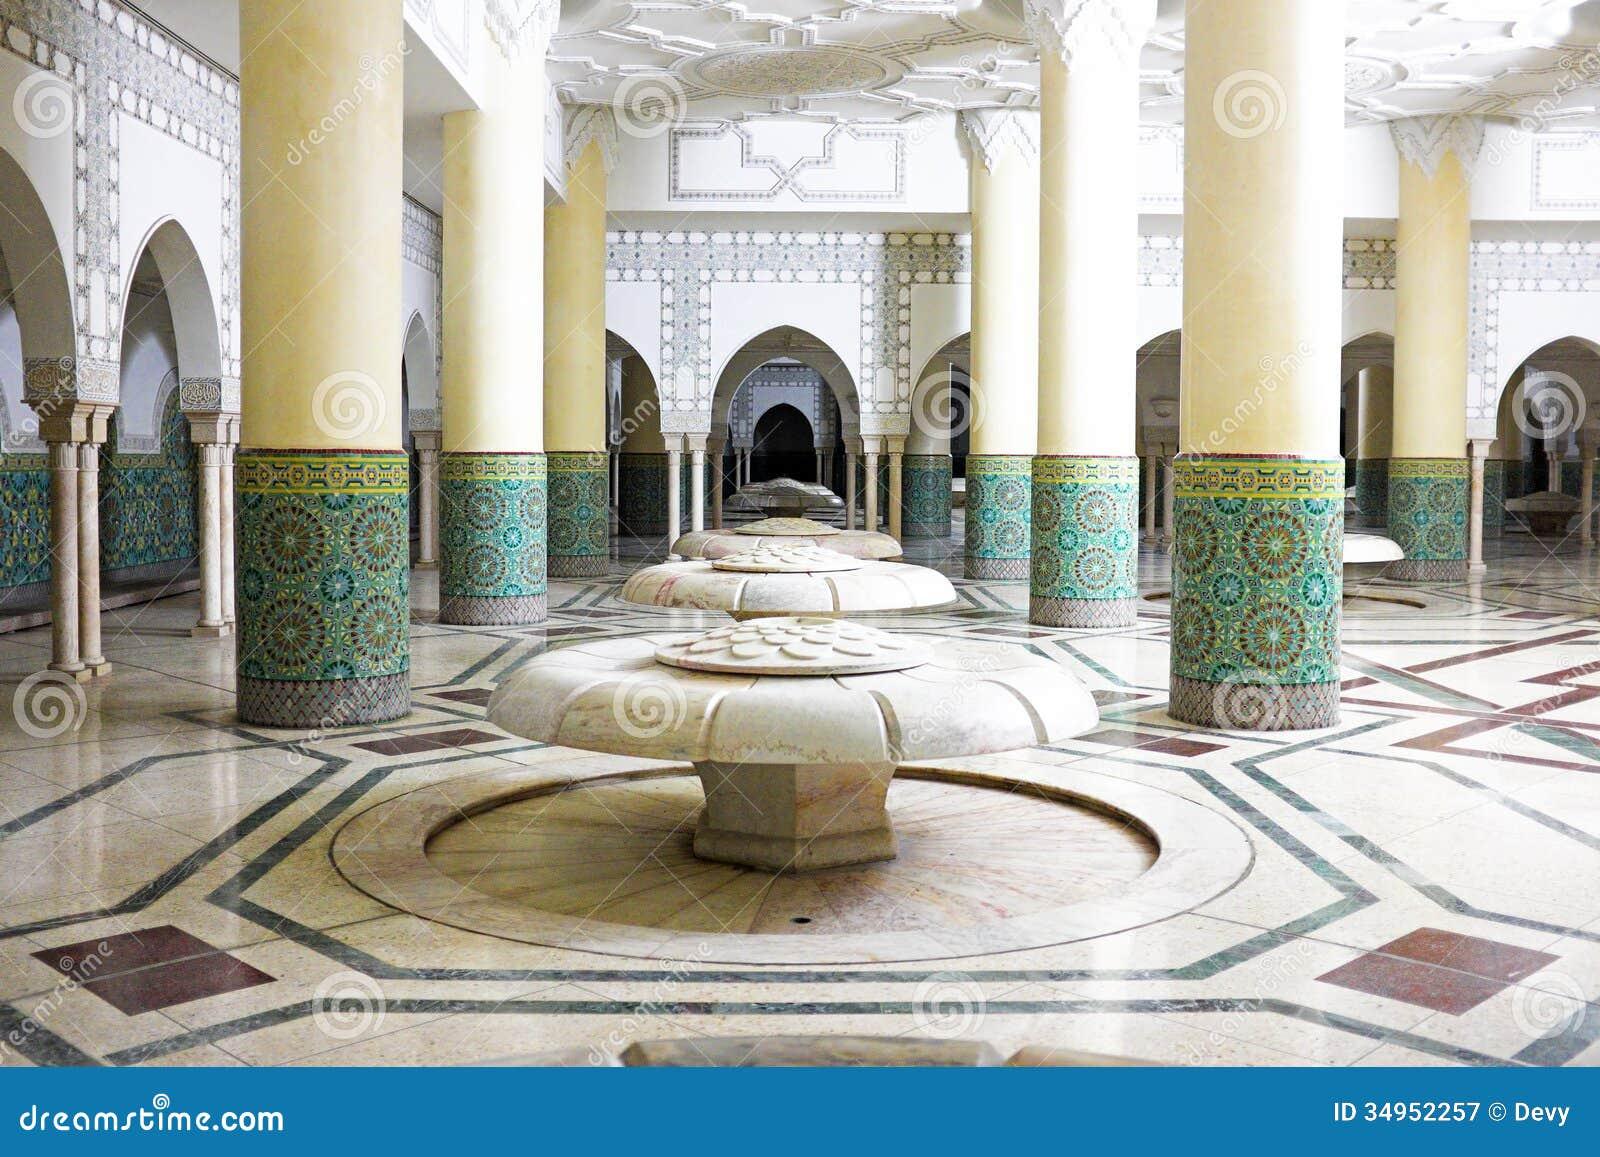 Les vo tes et la tuile de mosa que int rieures for Mosquee hassan 2 interieur